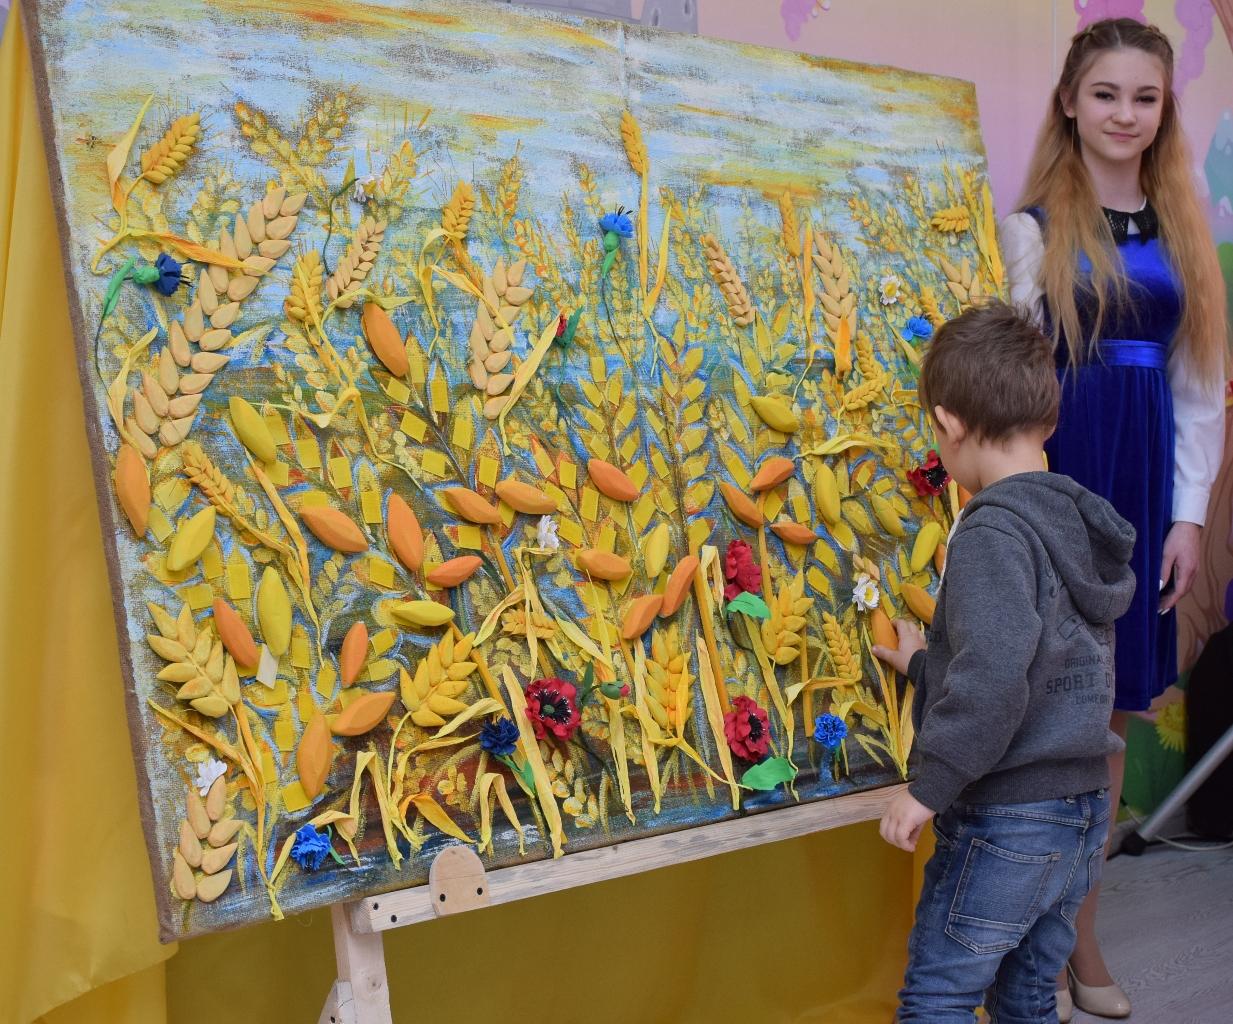 Управління освіти, науки, молоді та спорту Кіровоградської ОДА